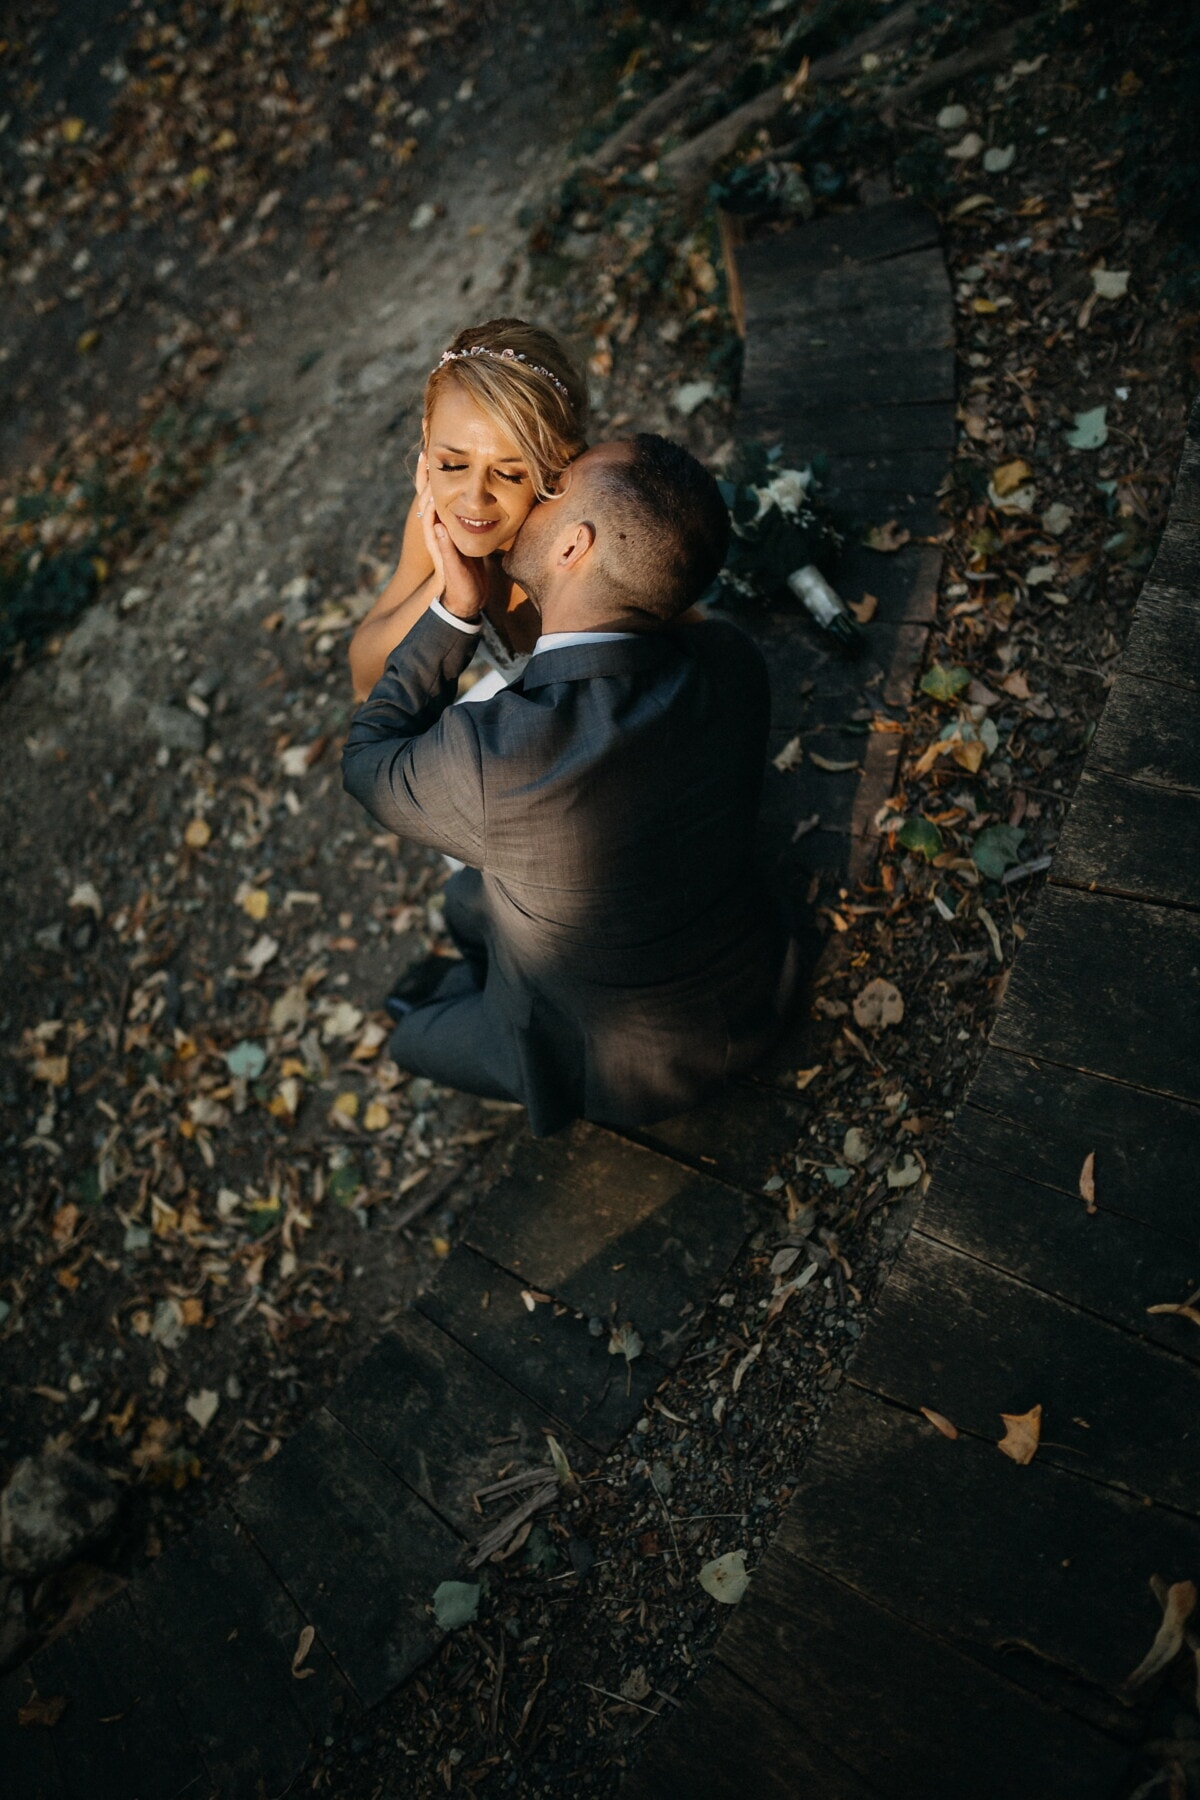 nymphe, gentilhomme, baiser, tendresse, dame, portrait, jeune fille, gens, rue, modèle